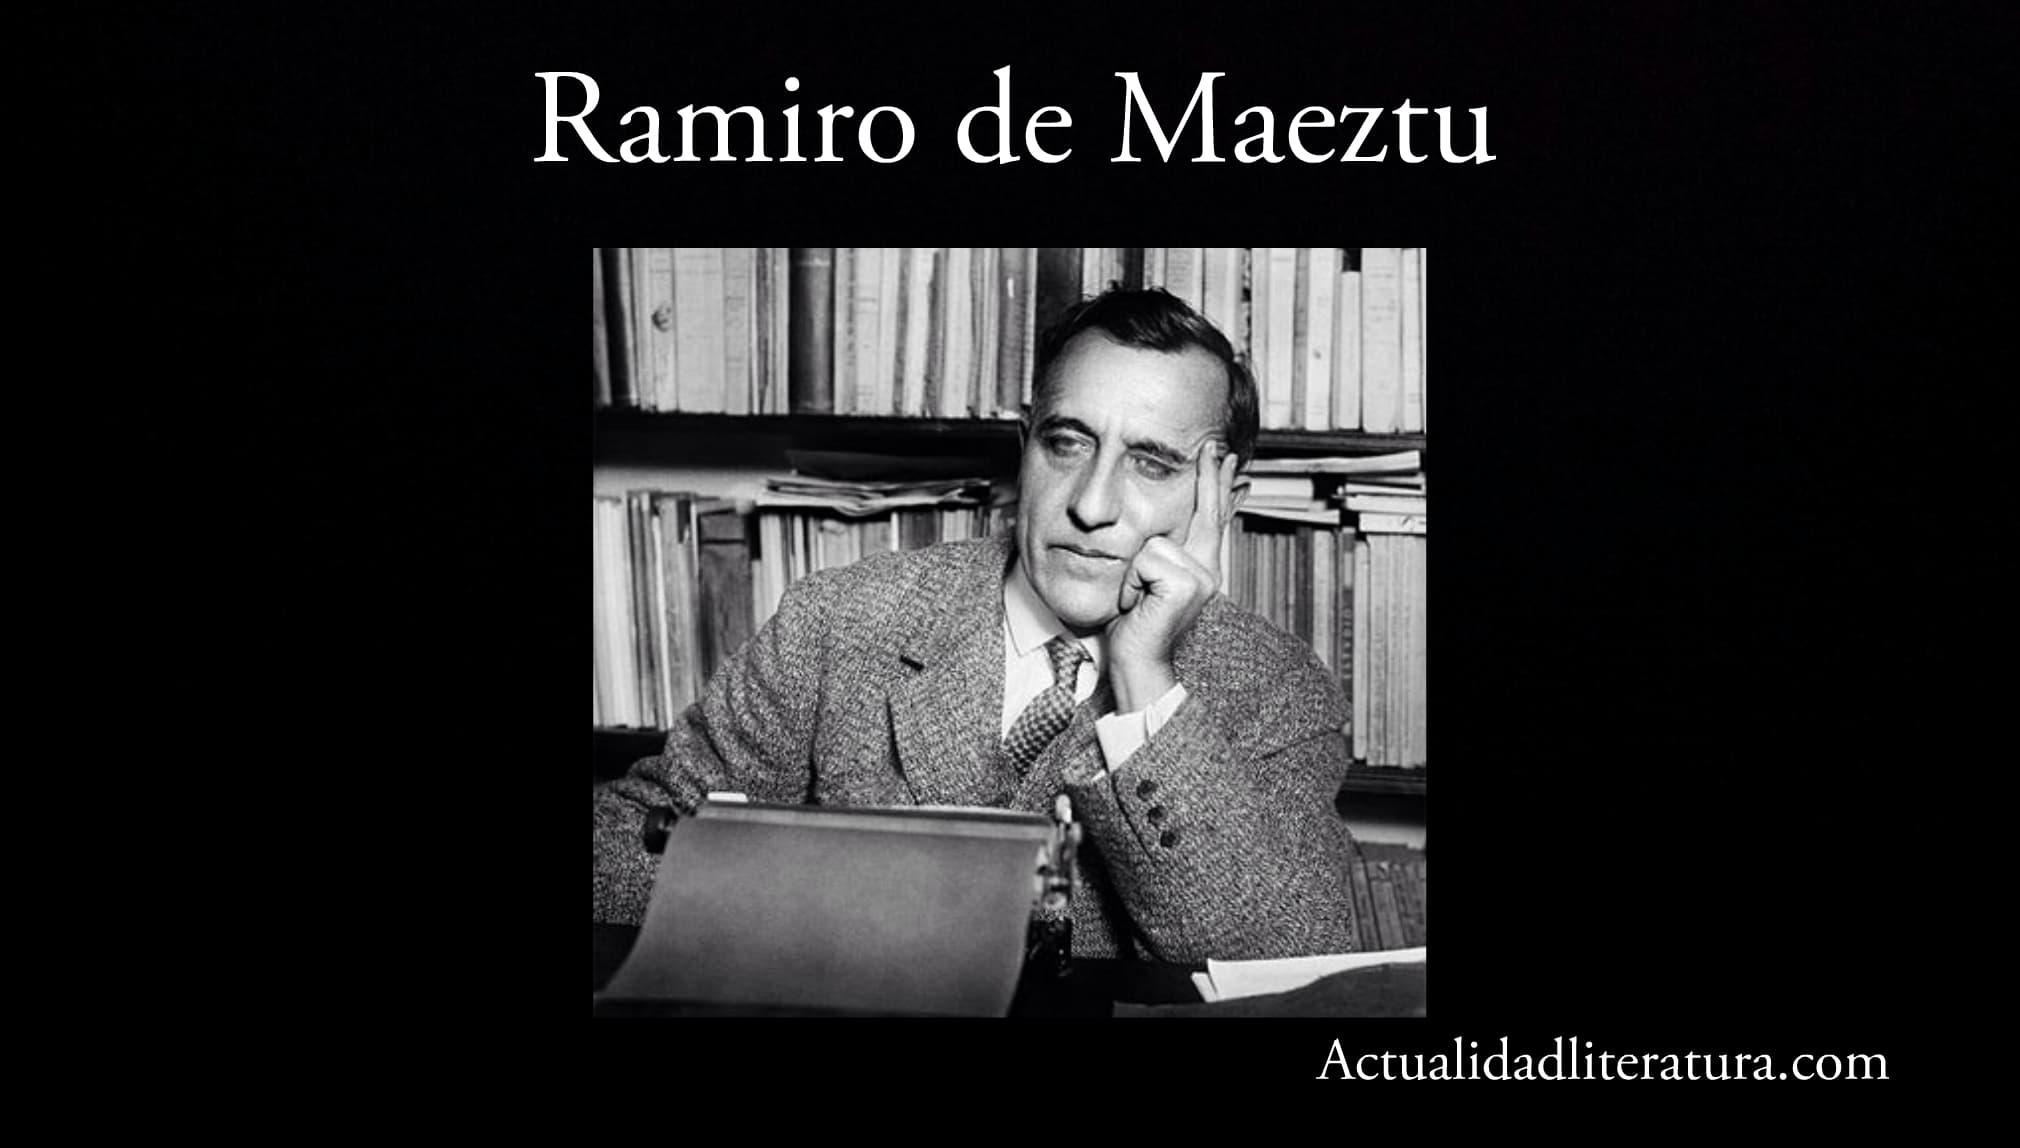 Ramiro de Maeztu.